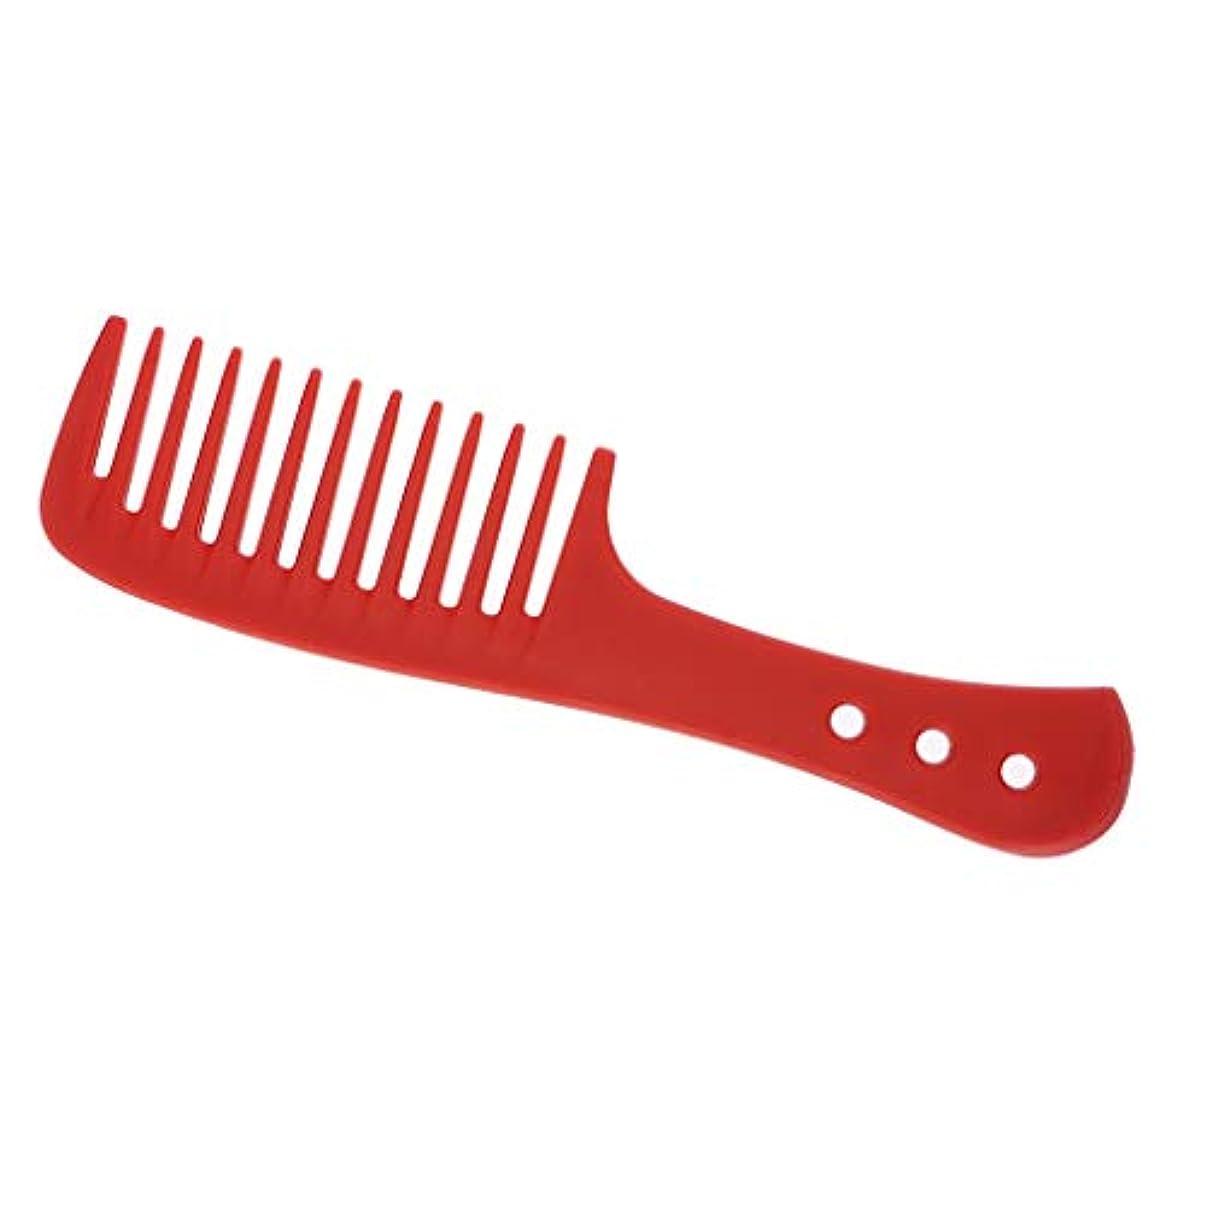 男性イブニング交通DYNWAVE ヘアケア ヘアスタイリング ヘアコーム 櫛 美髪 ヘアブラシ 全4色 - 赤